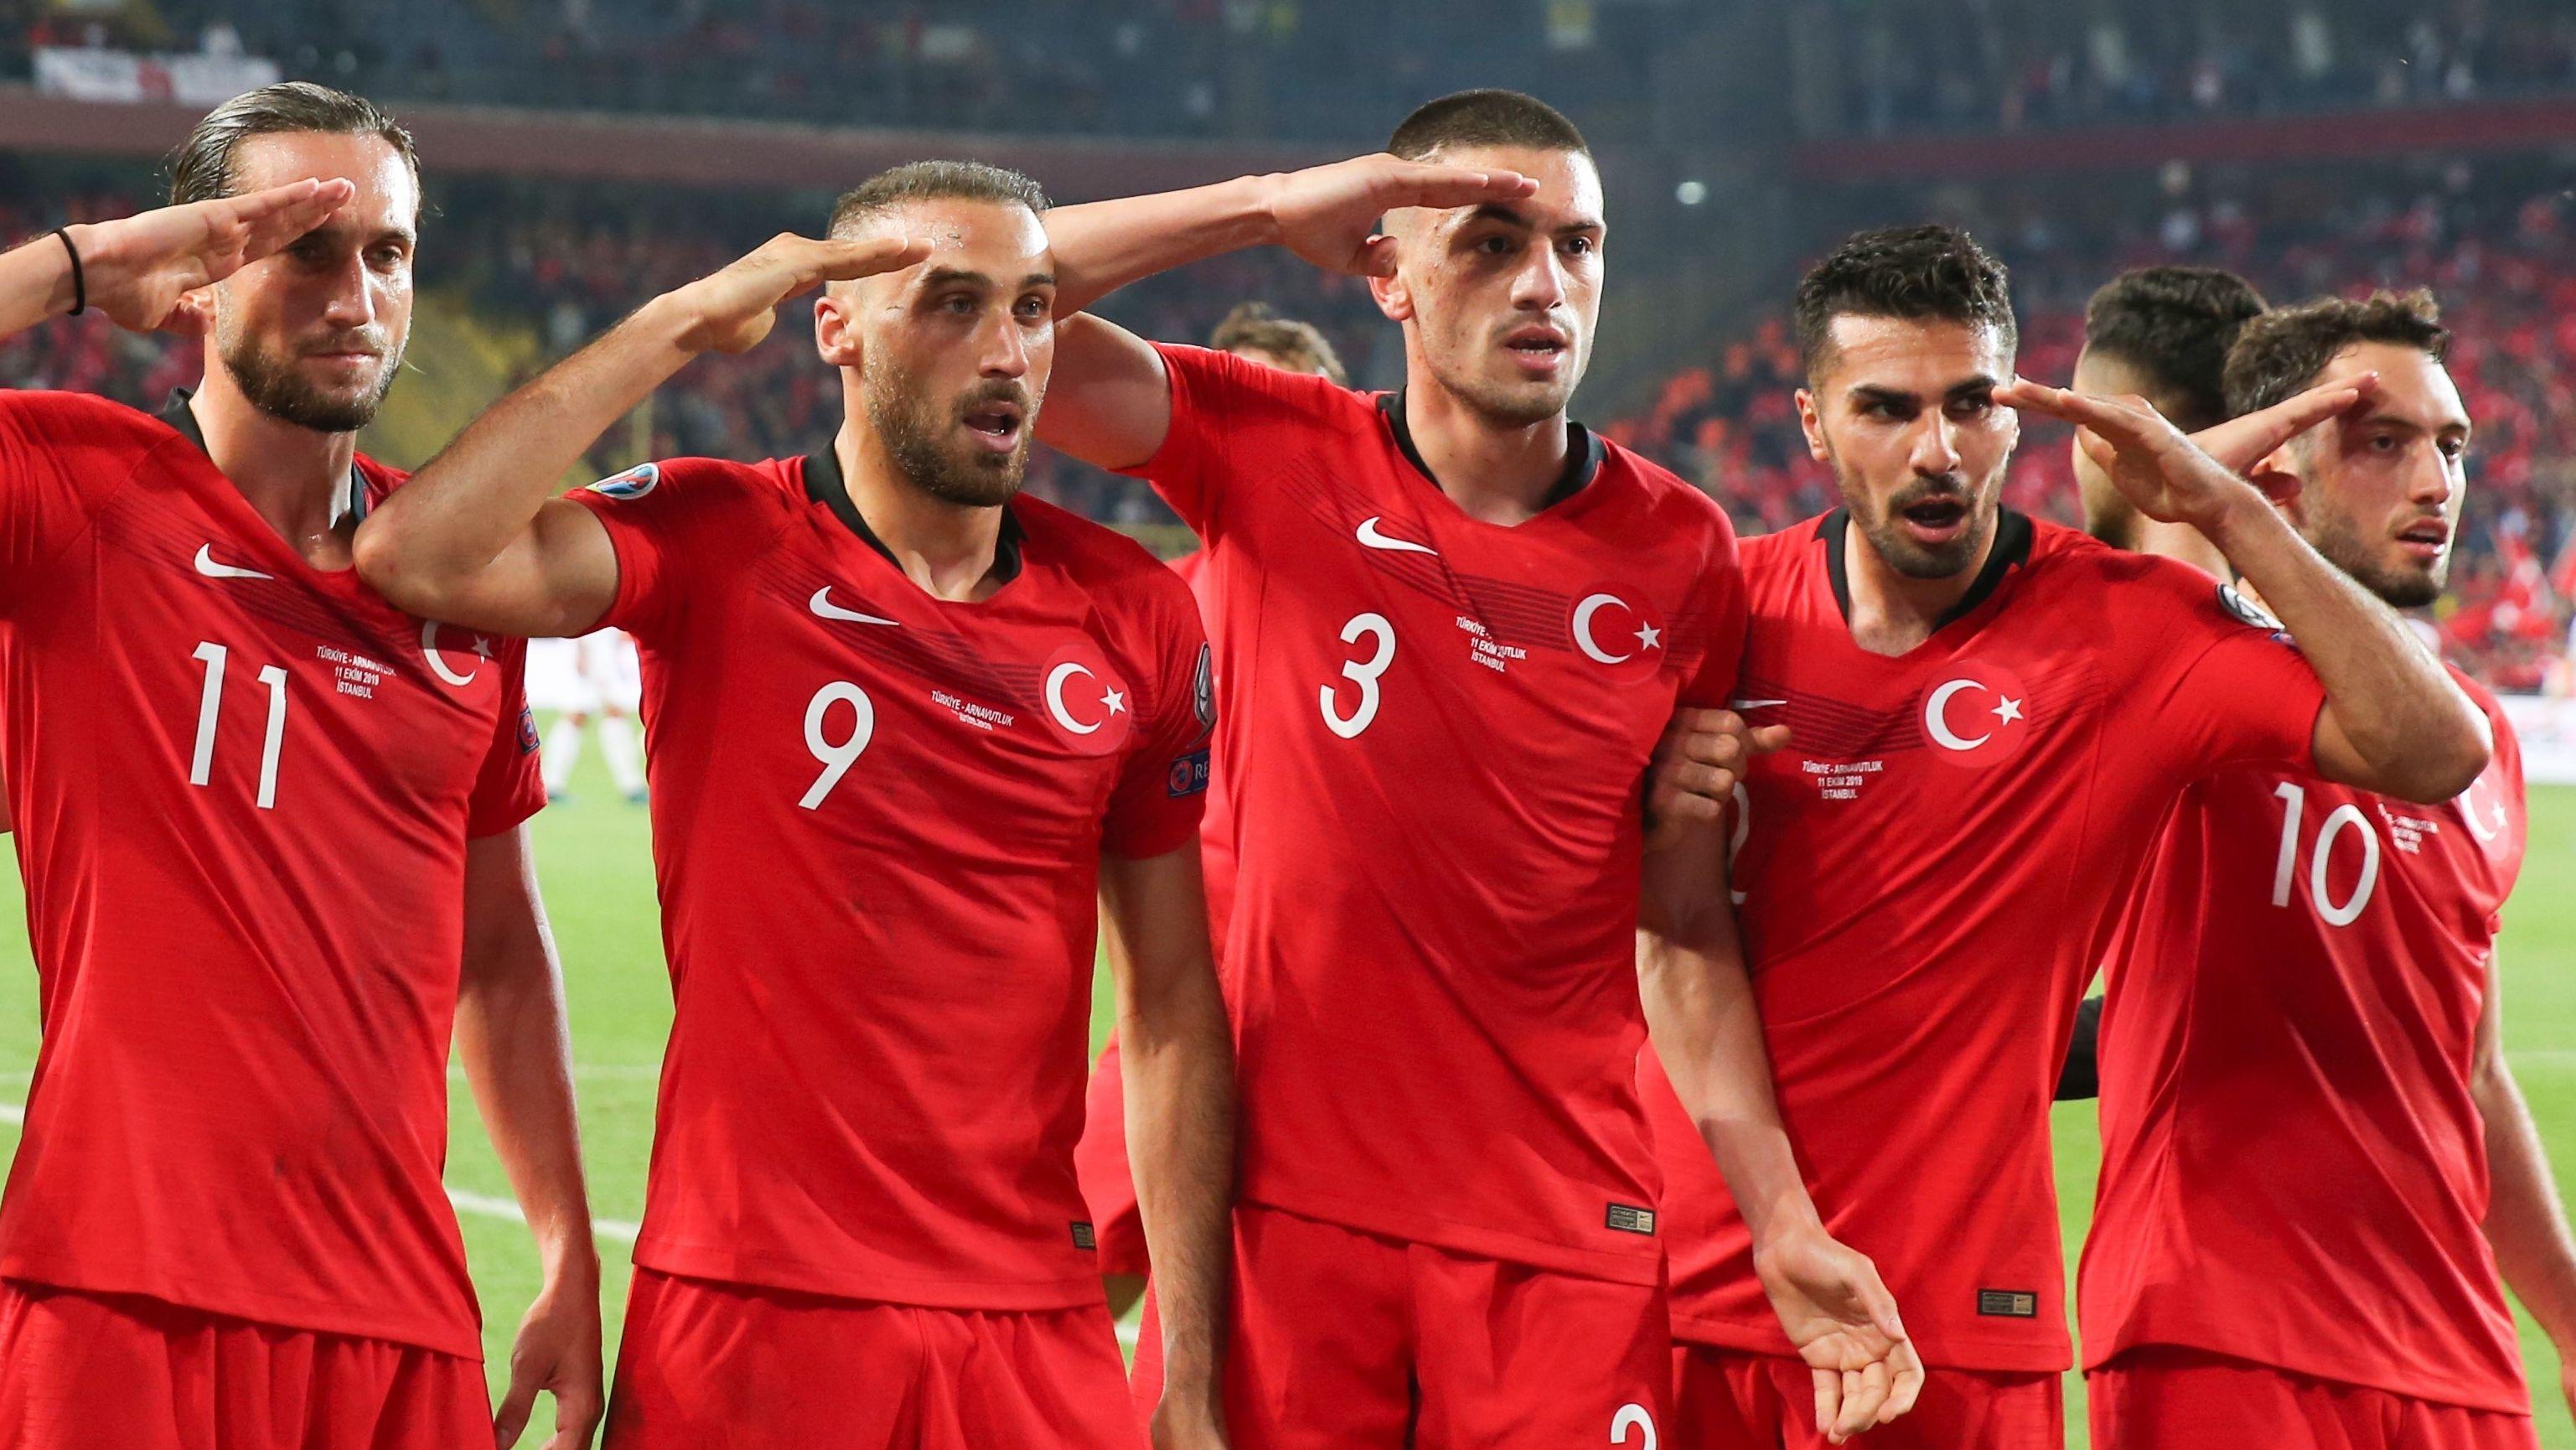 Türkische Nationalspieler zeigen den Militärgruß beim Torjubel